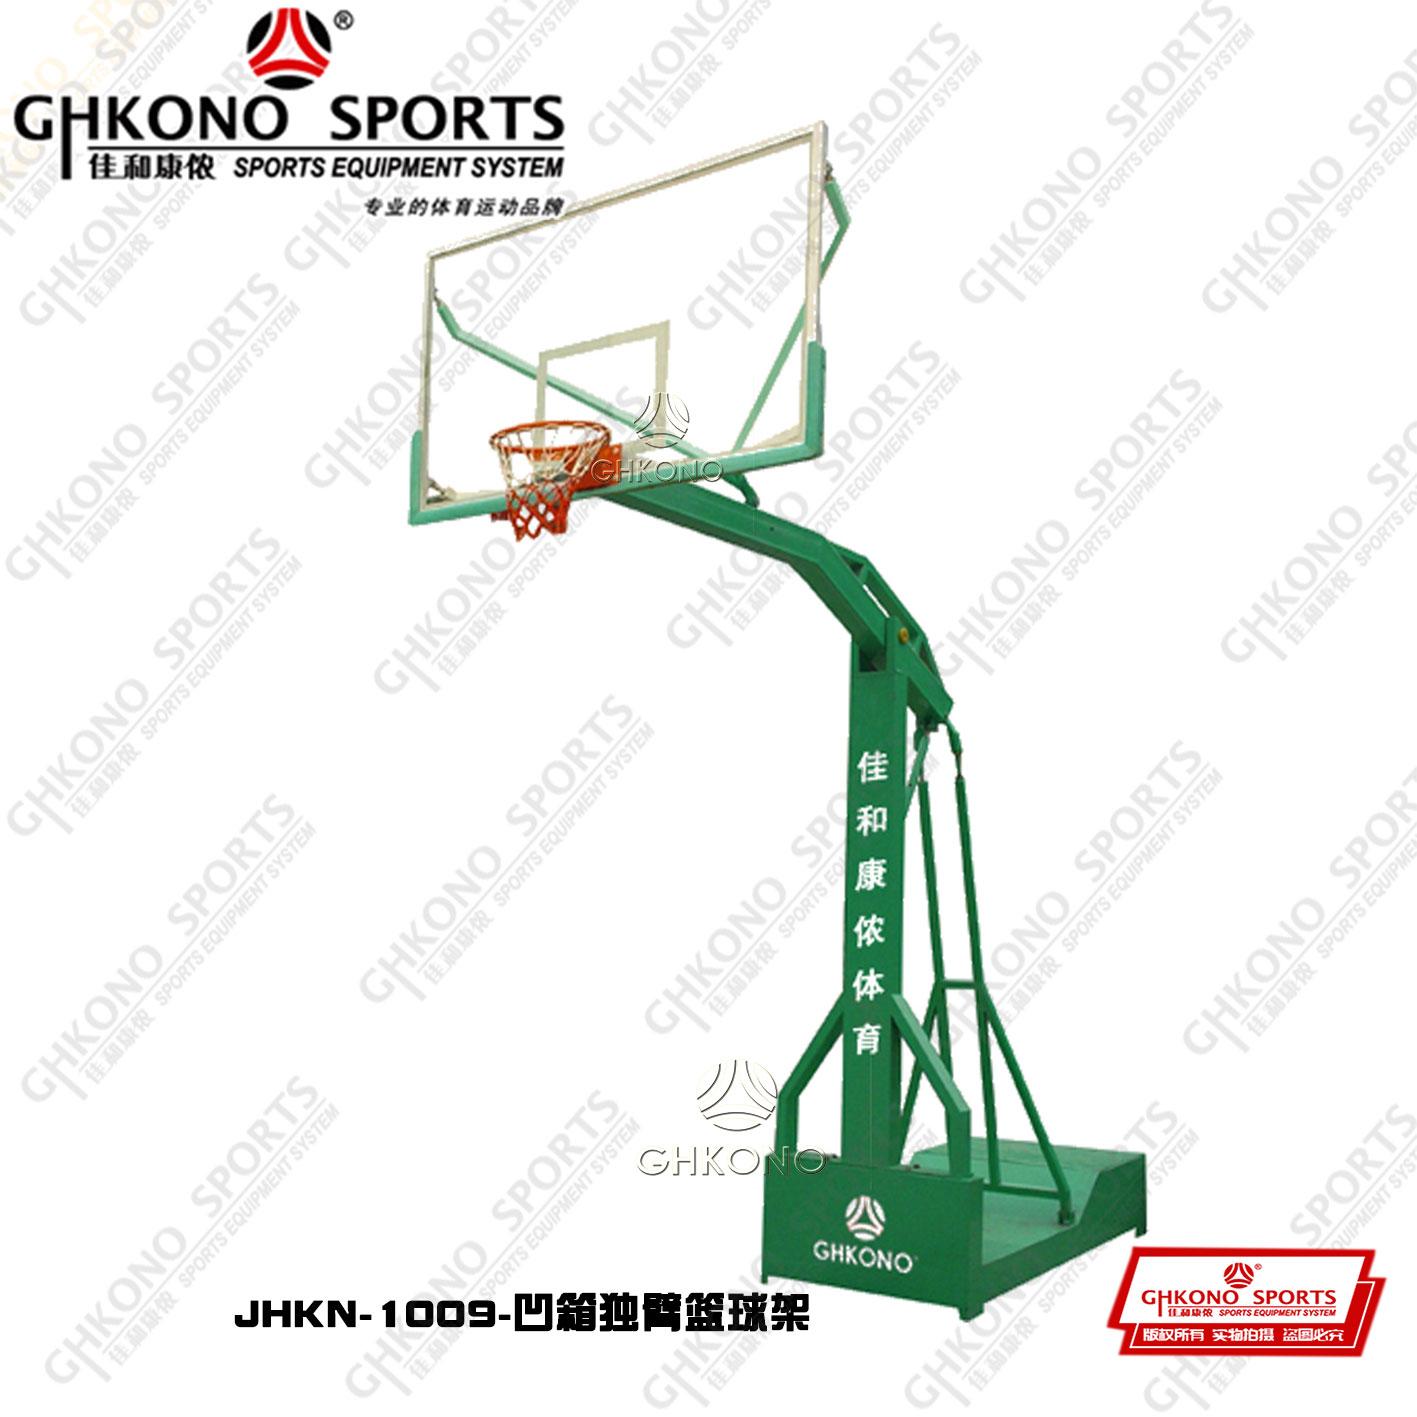 凹箱宽臂篮球架